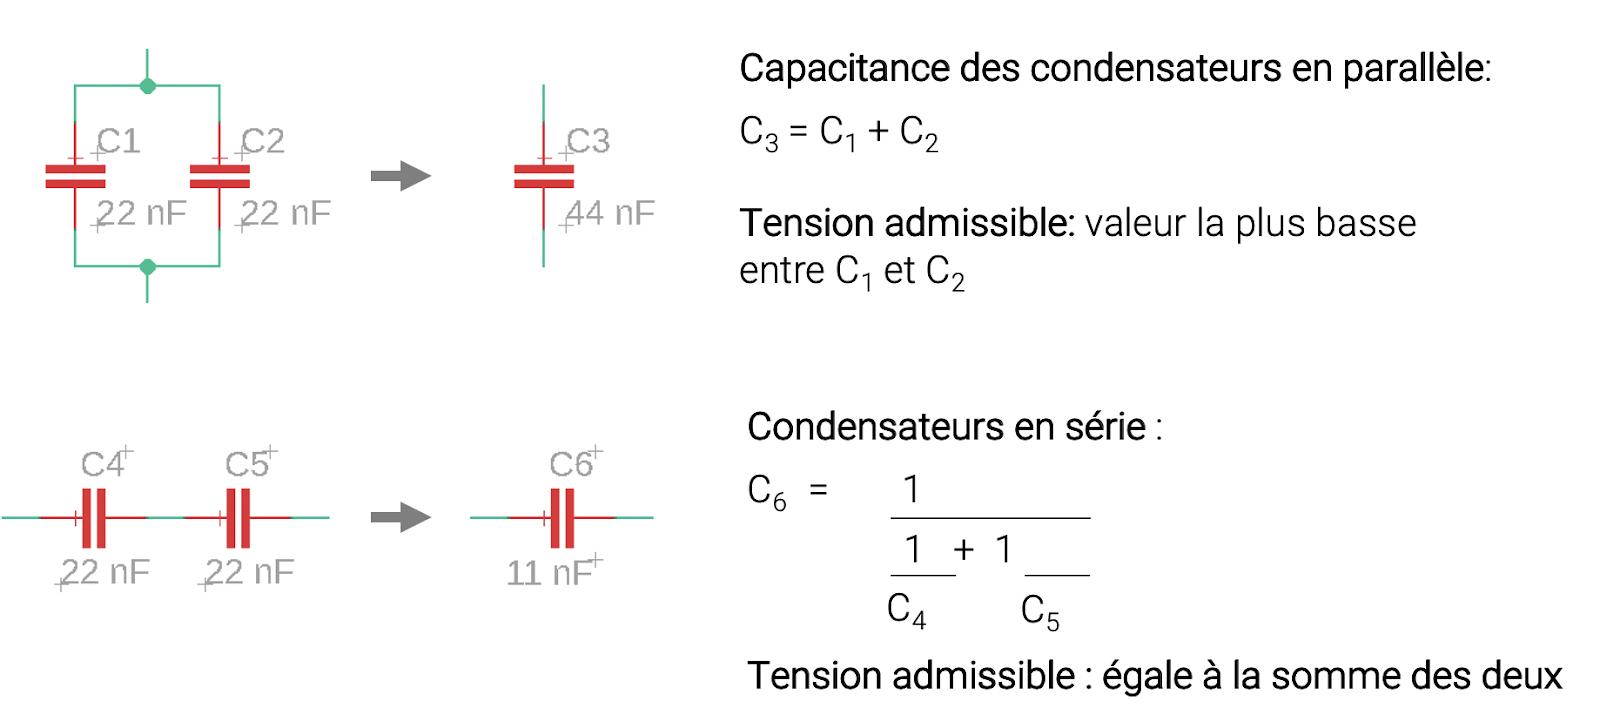 Condensateurs série parallèle